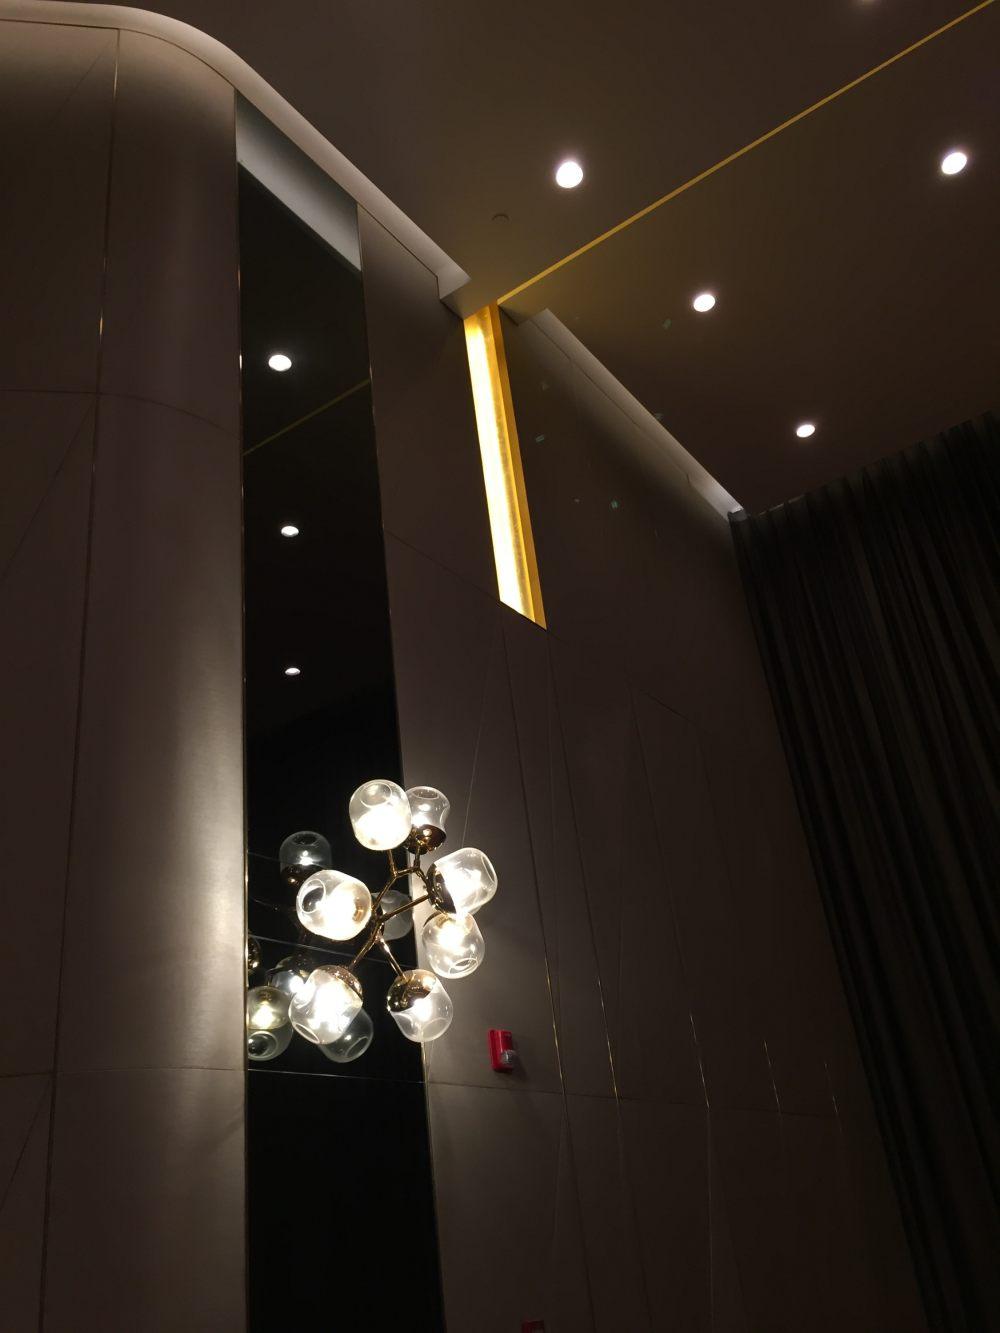 上海外滩W酒店,史上最全入住体验 自拍分享,申请置...._IMG_6116.JPG